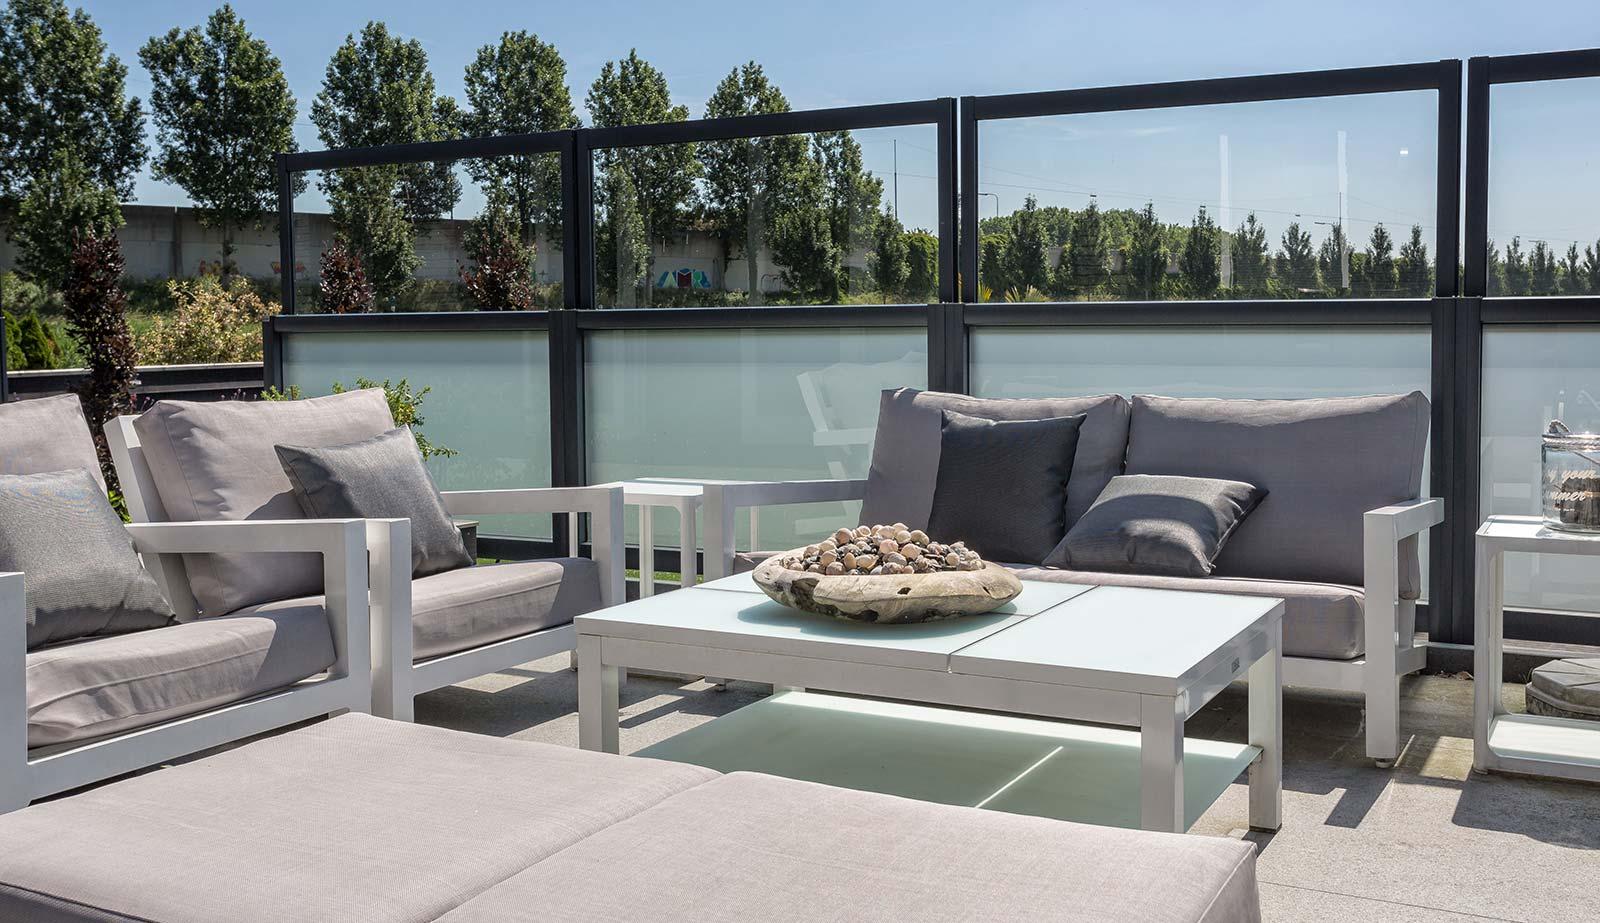 terrassendach mit glas auch verschiebbar hersteller bersicht. Black Bedroom Furniture Sets. Home Design Ideas